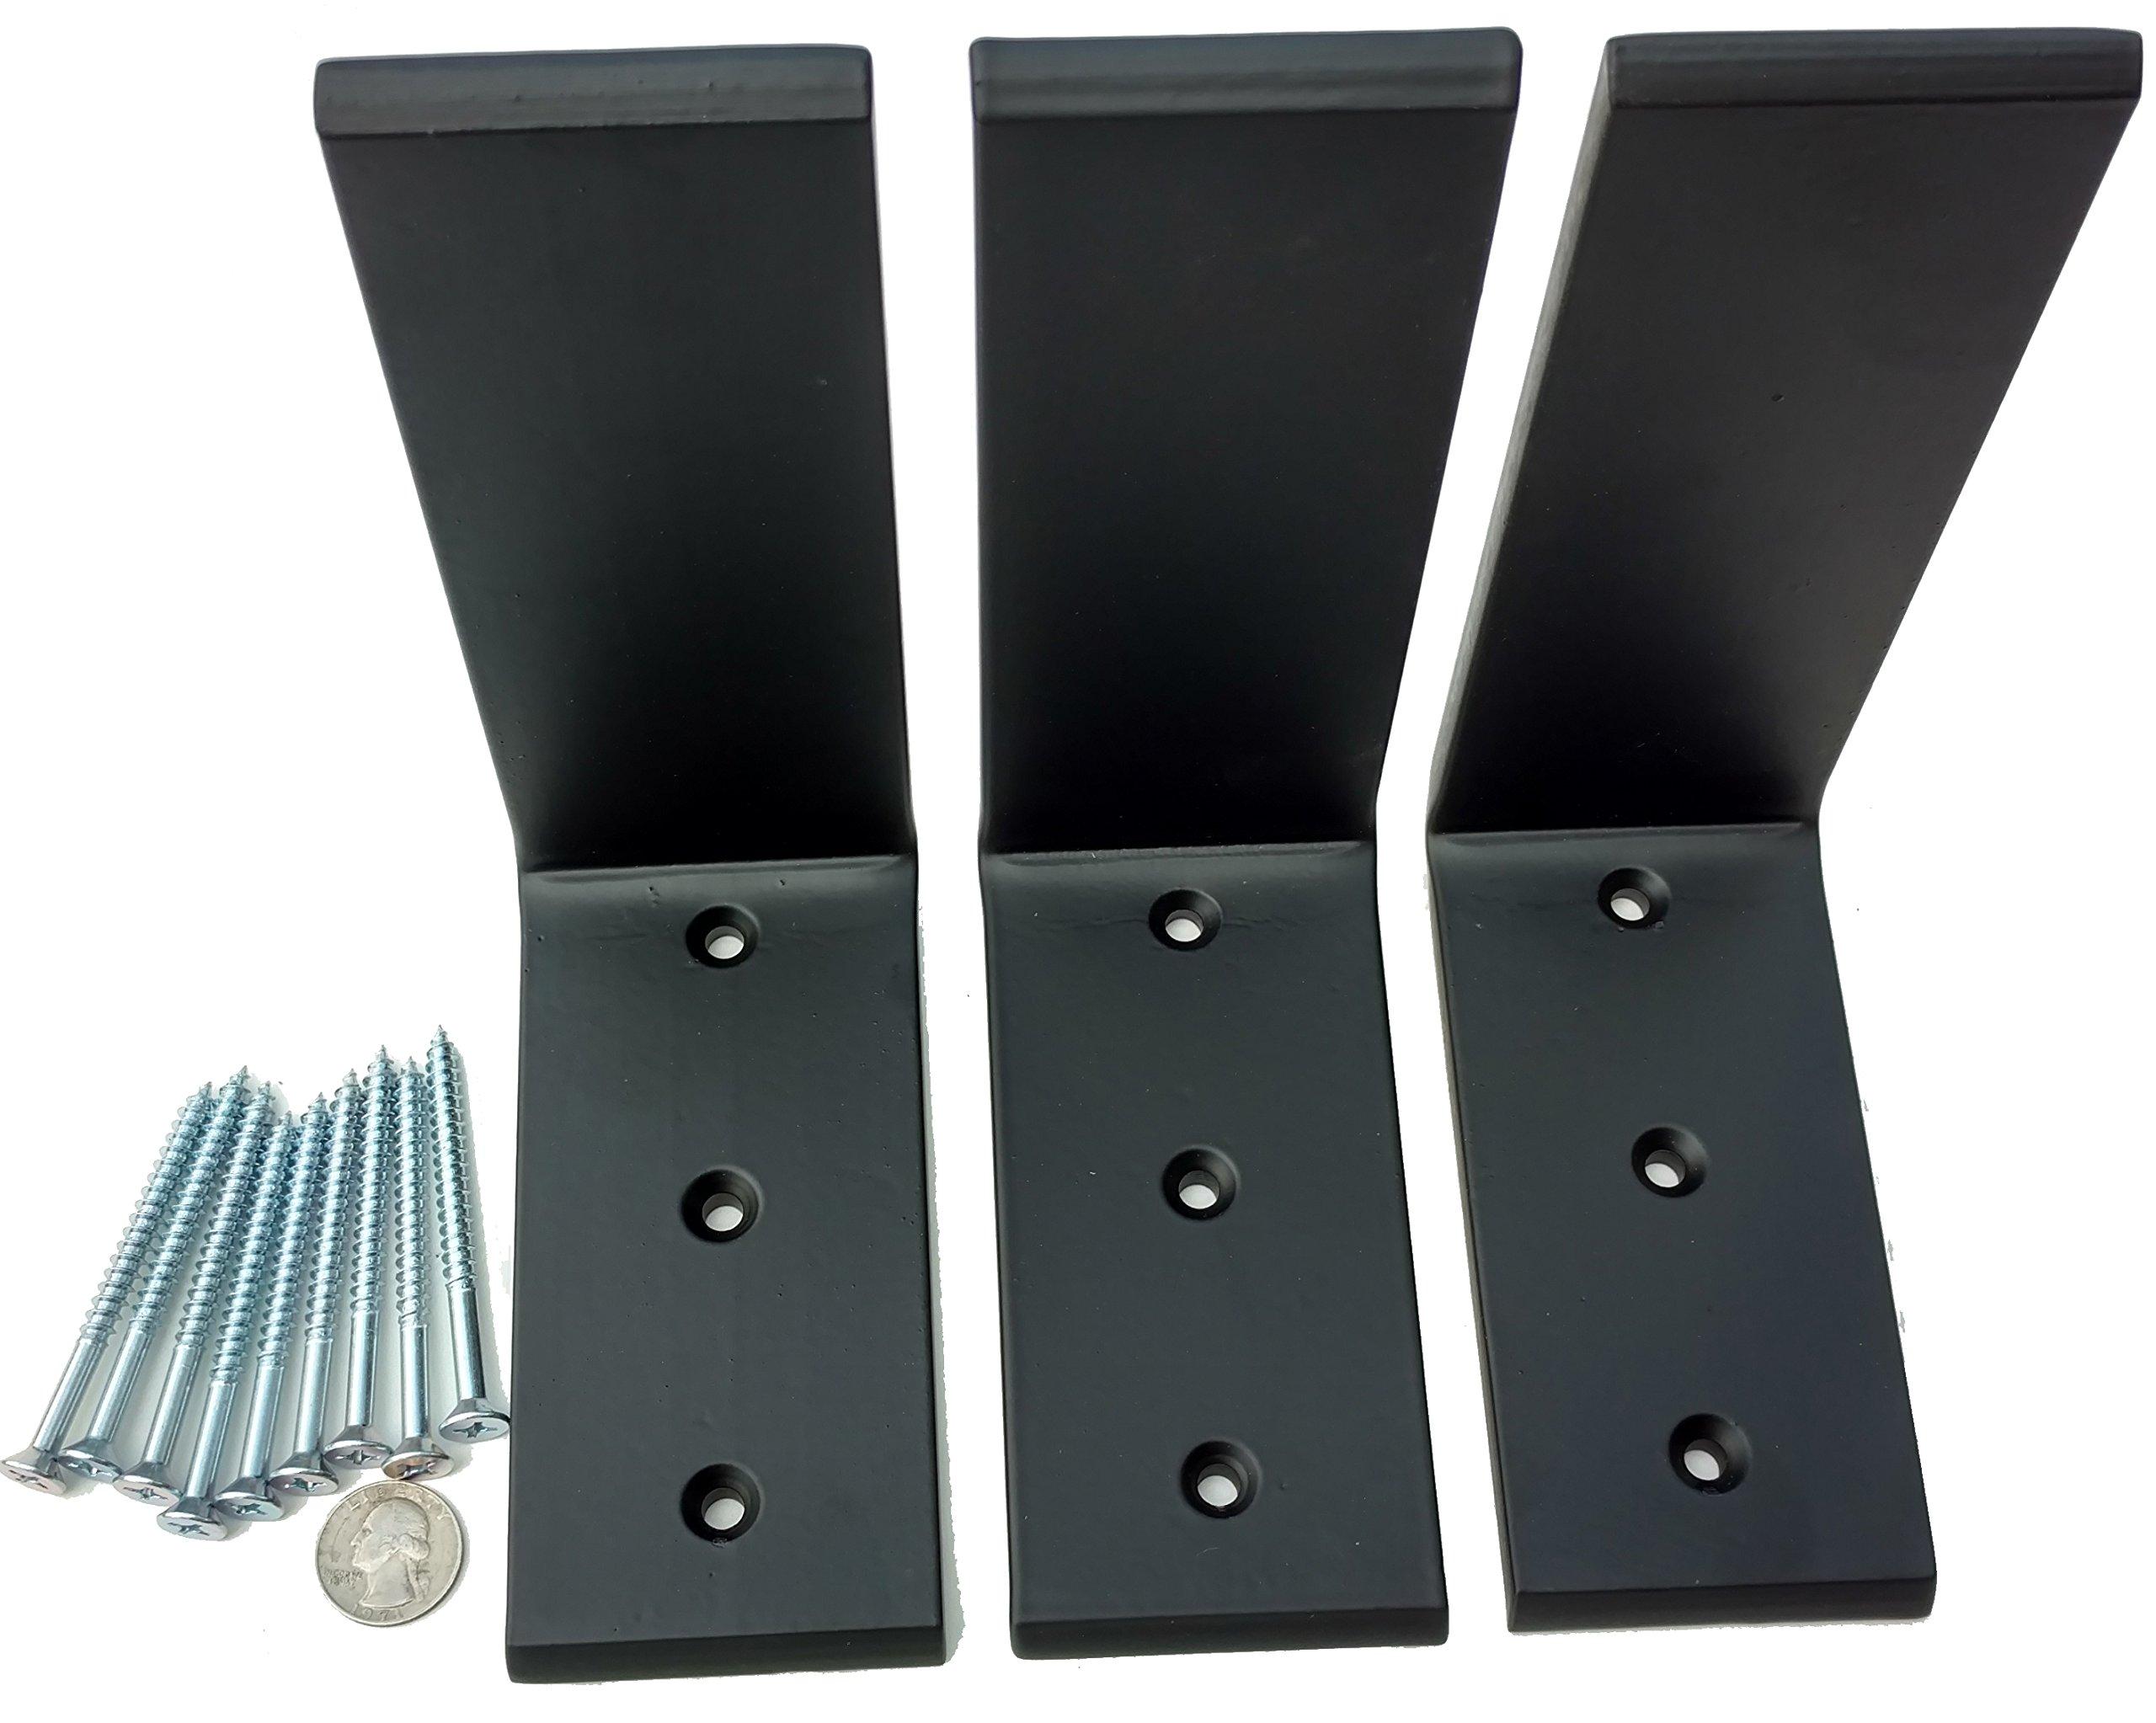 3 Heavy Duty Black Steel 6'' x 8'' Countertop Support Brackets Corbel L Shelf by Unknown